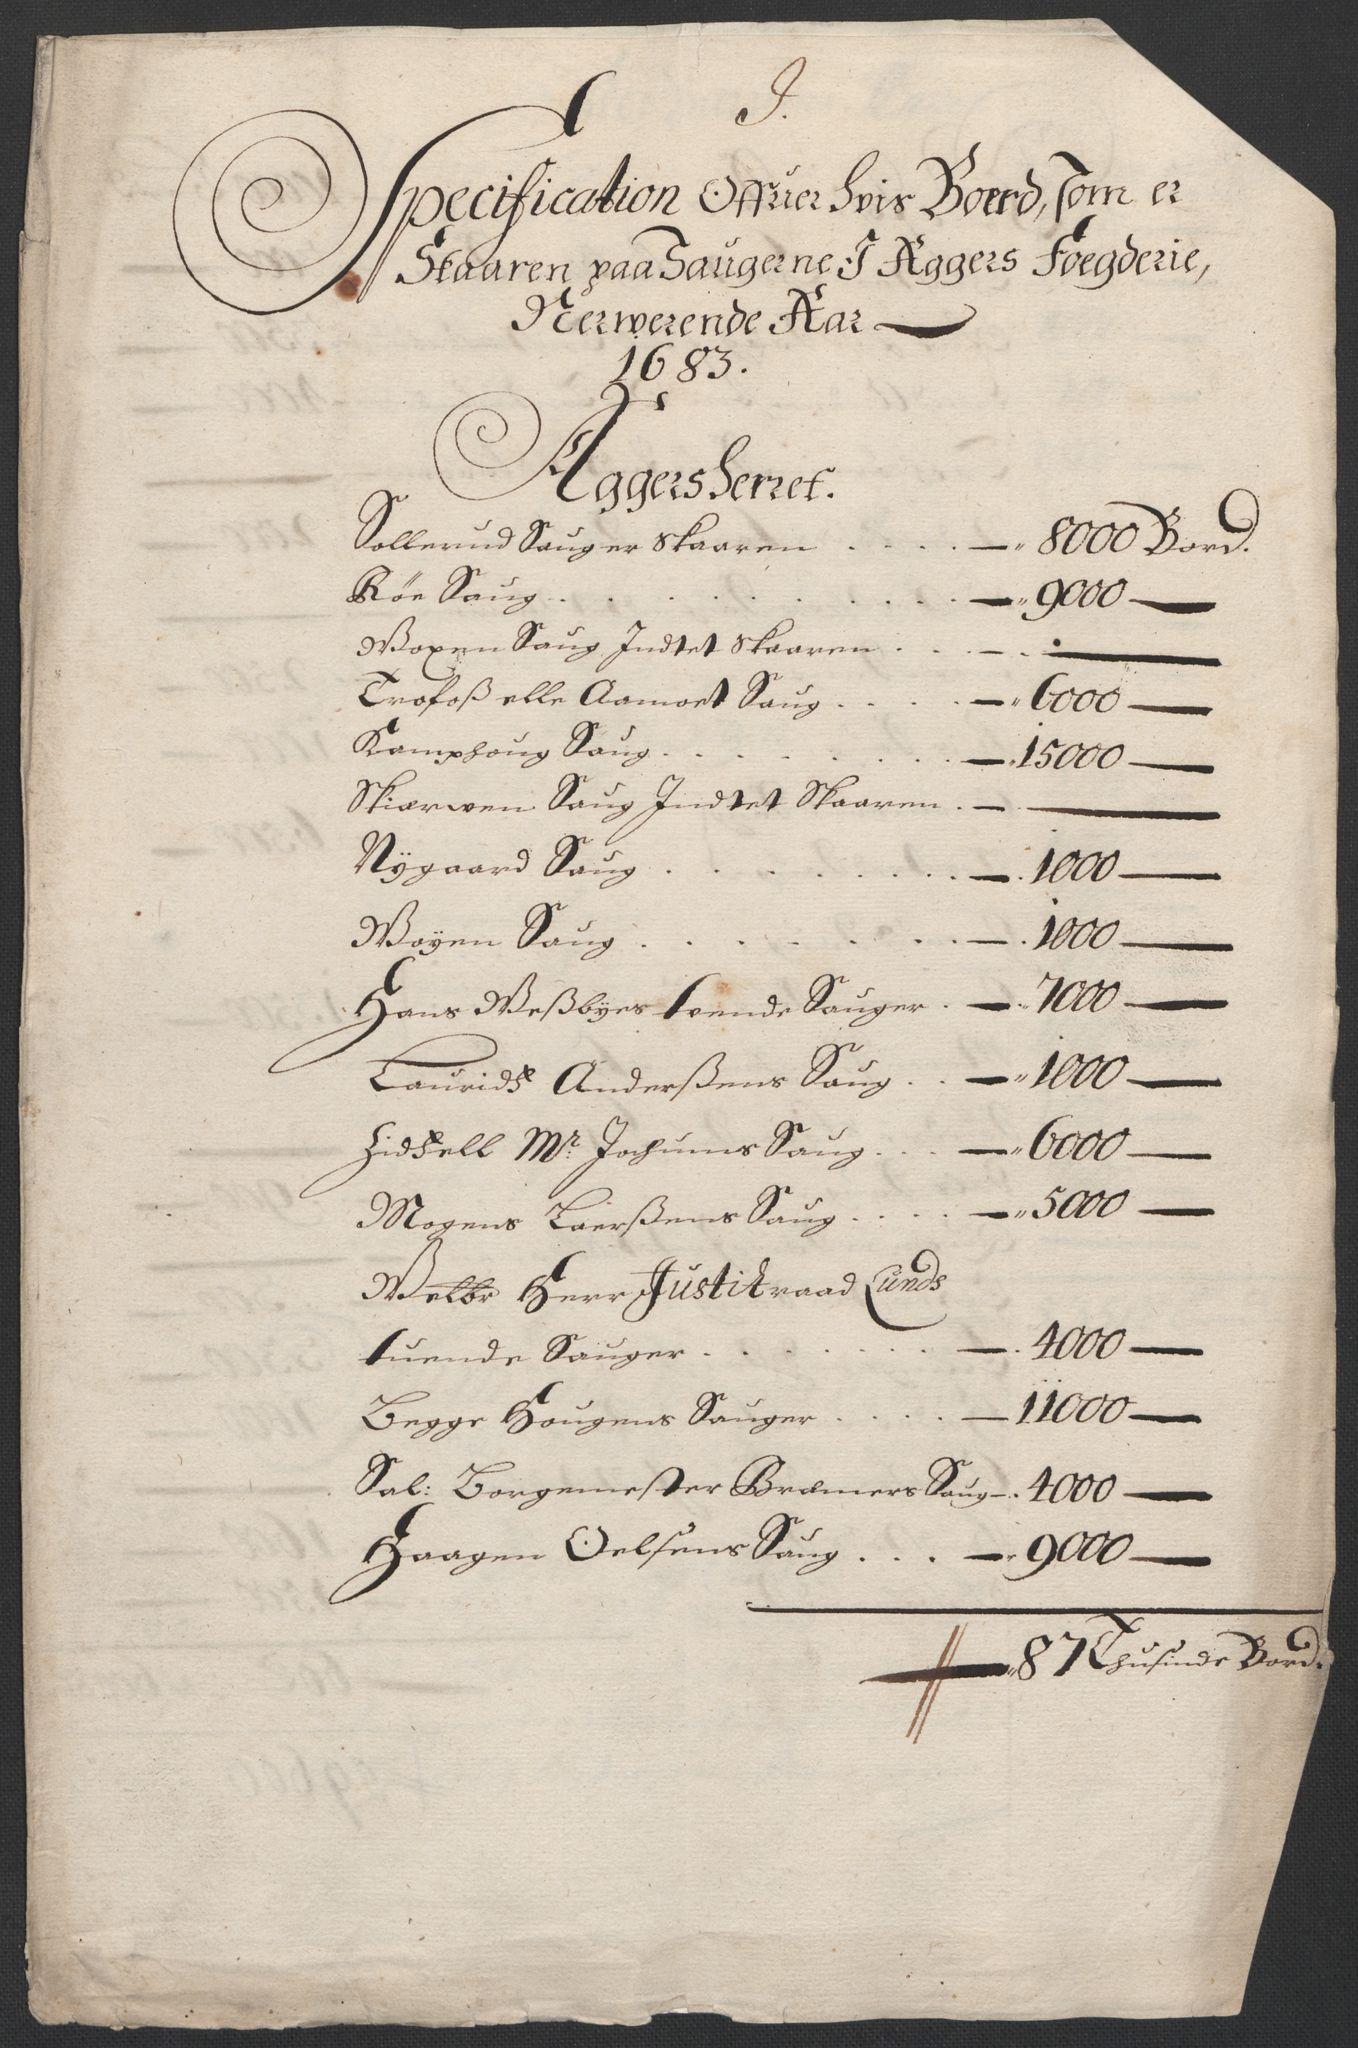 RA, Rentekammeret inntil 1814, Reviderte regnskaper, Fogderegnskap, R08/L0420: Fogderegnskap Aker, 1682-1691, s. 269